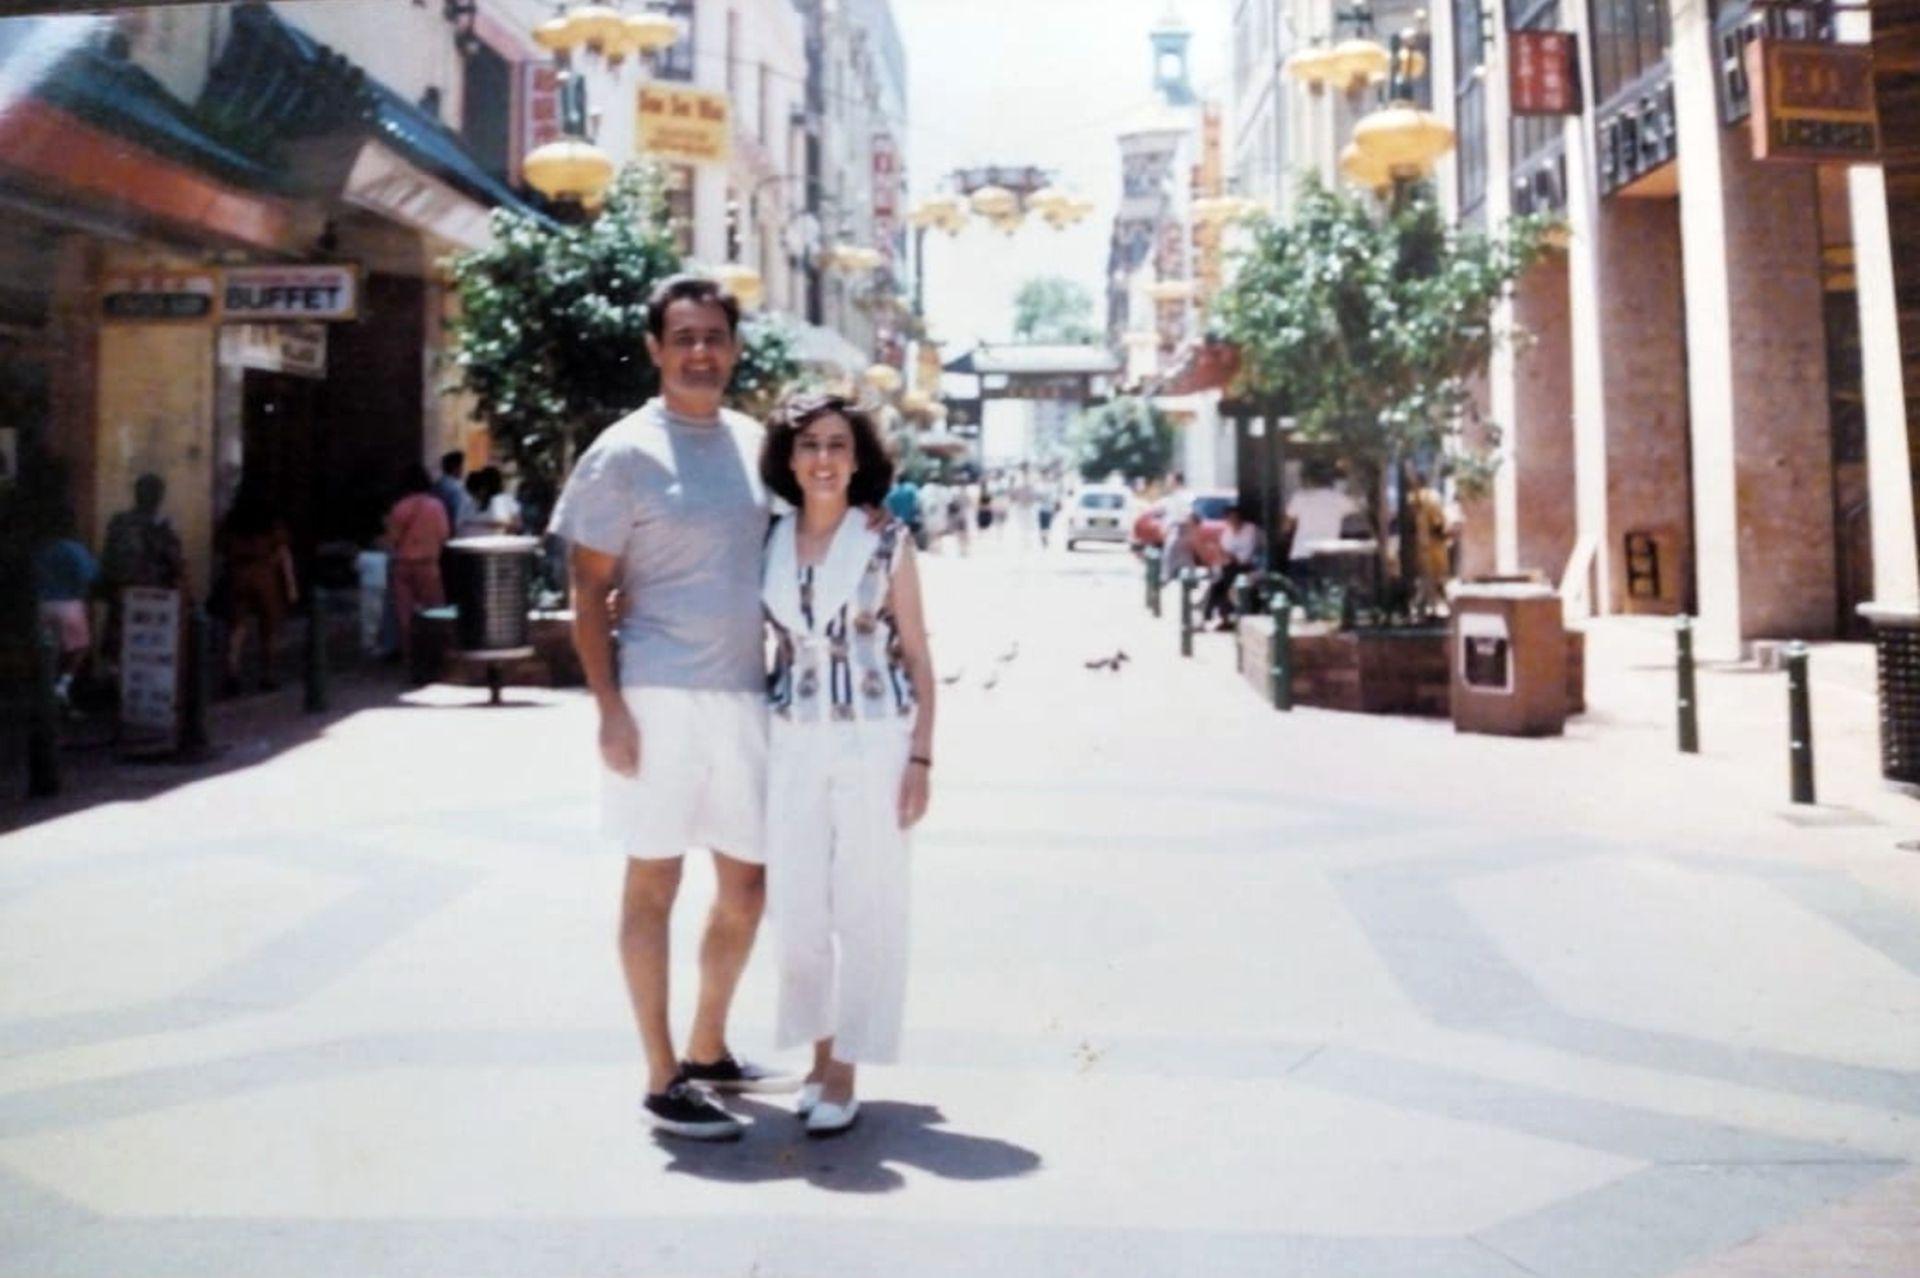 De paseo por el barrio chino de Sídney.